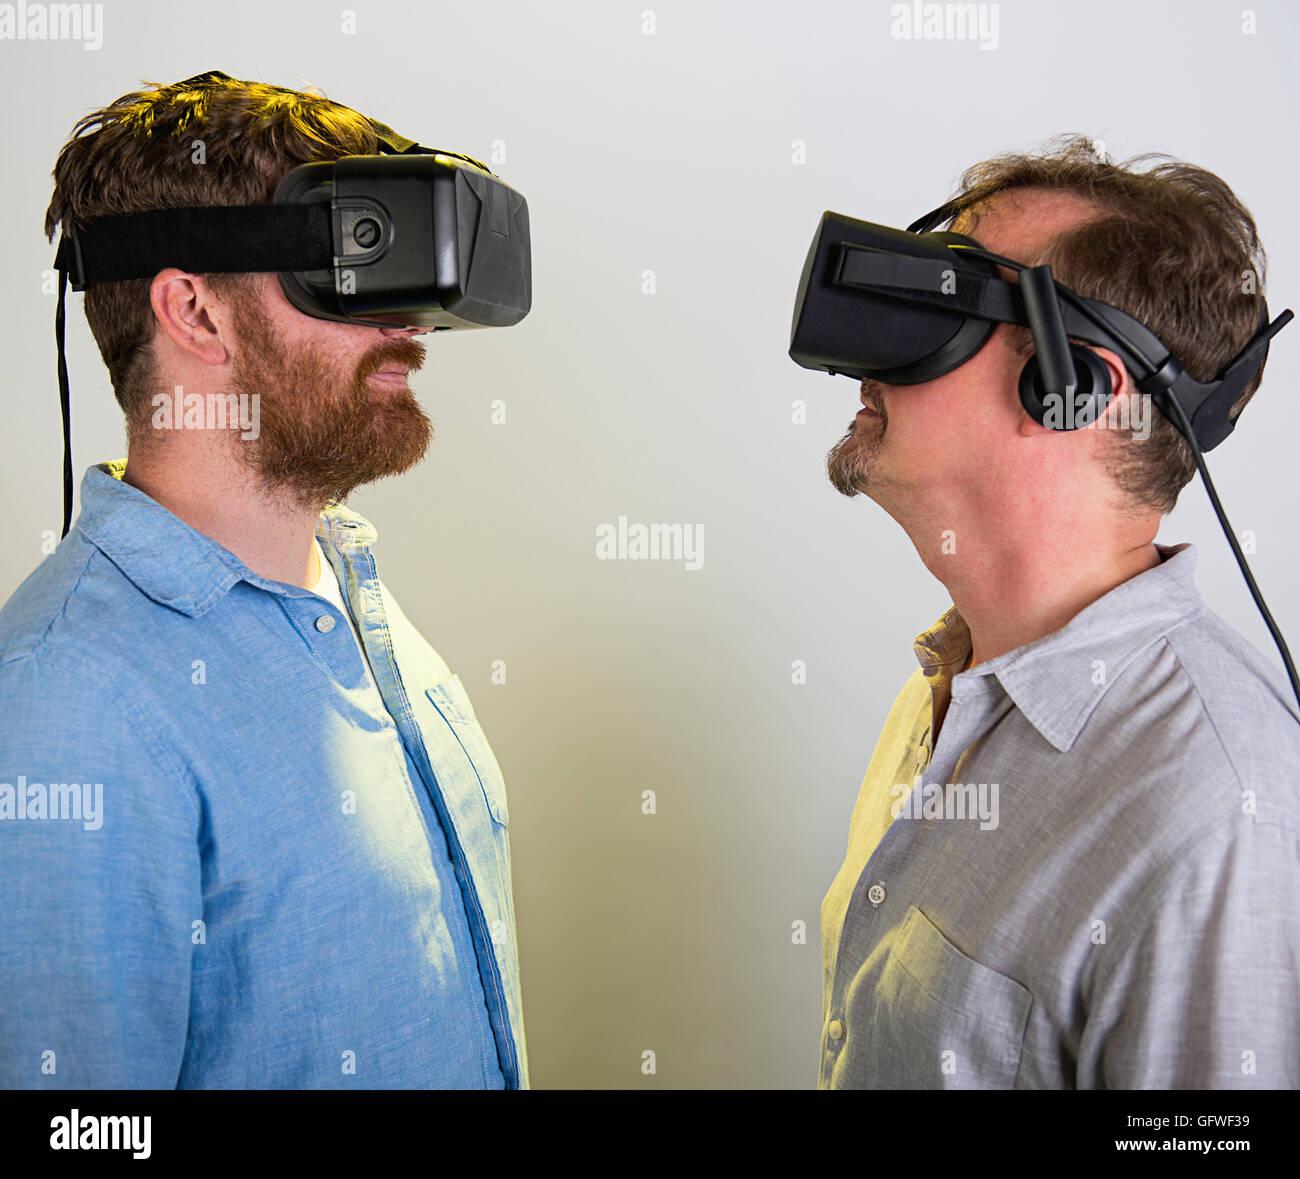 Dos hombres utilizando el Oculus Rift auriculares VR, versión 2 y 3. Foto de stock